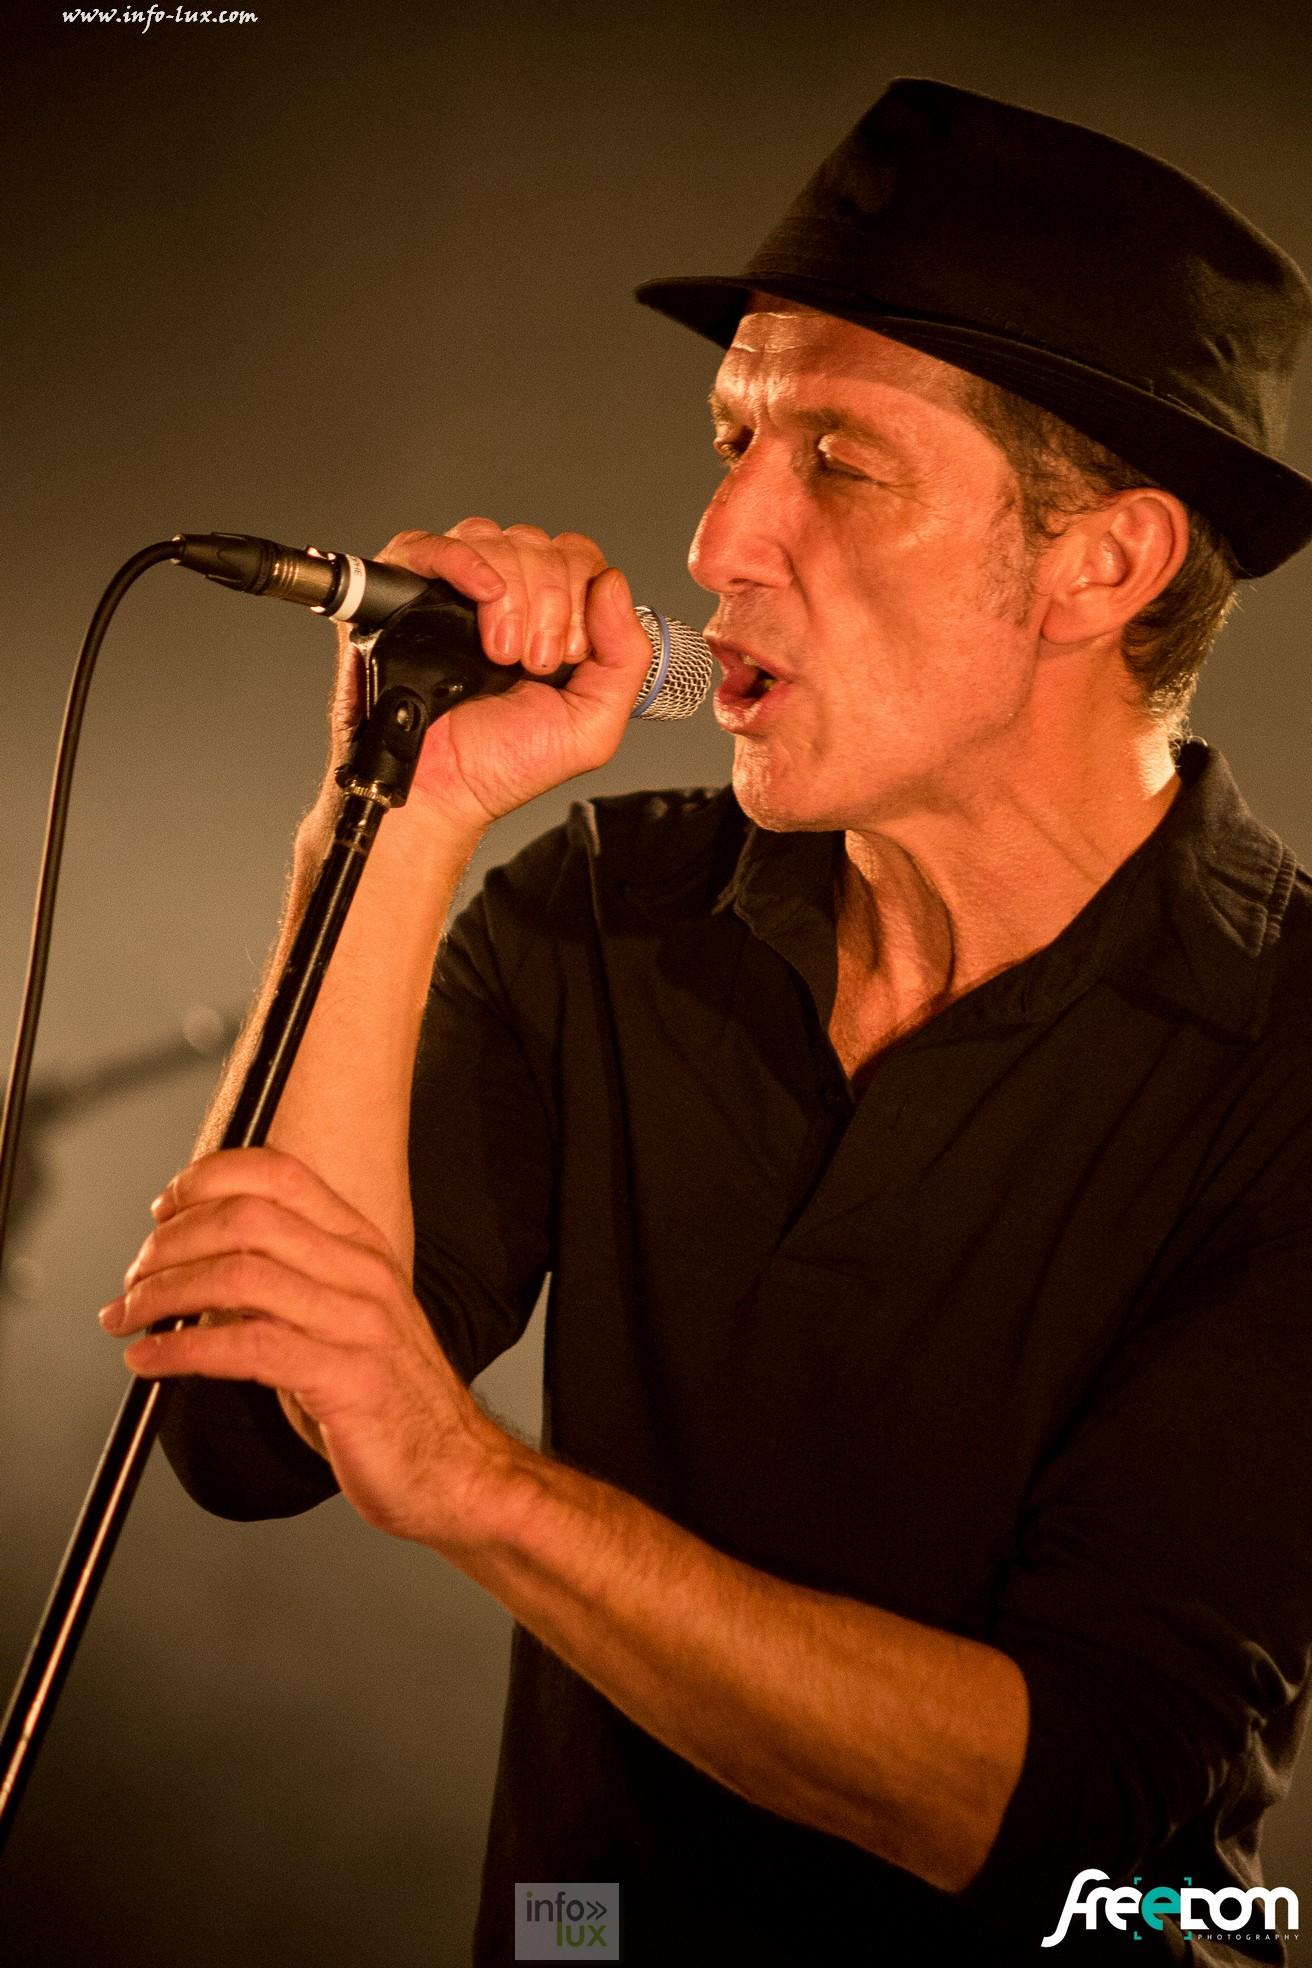 images/stories/PHOTOSREP/Bastogne/concert-moissec/2014-_miossec_bastogne-0758_LR_fp